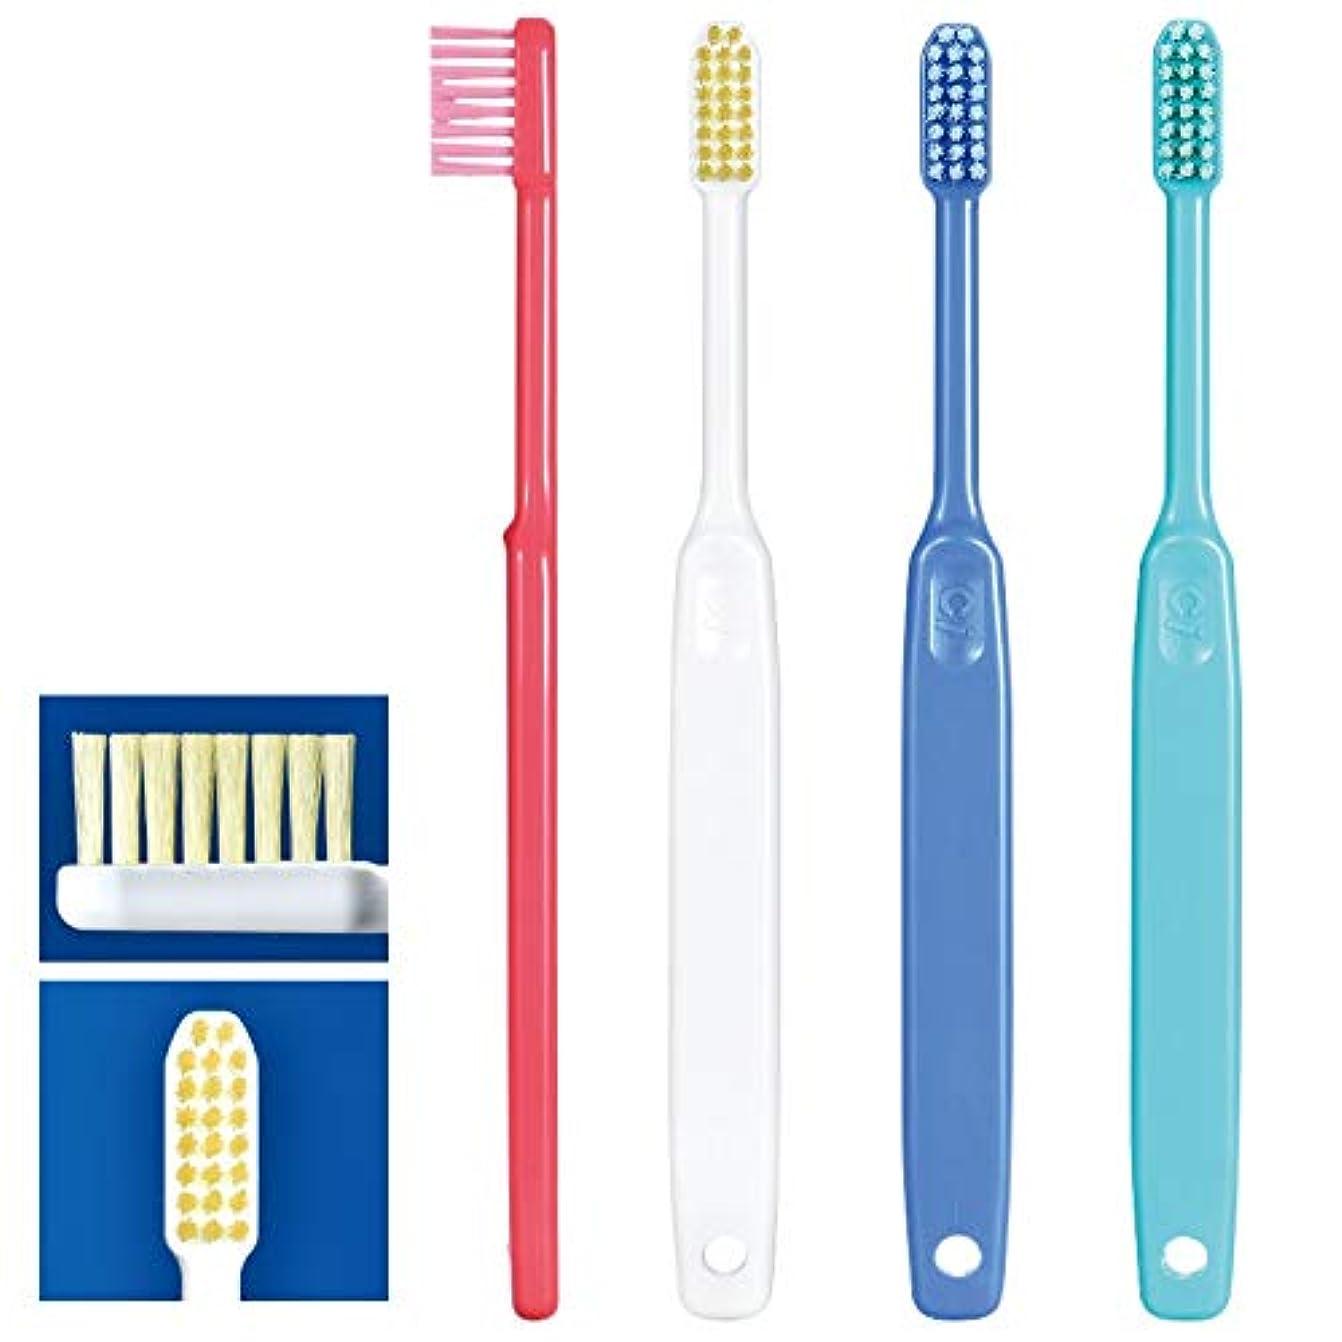 拳市民権かなりのCi20カラー歯ブラシ 20本 MS(やややわらかめ) 日本製 カラー毛 高密度植毛 歯科専売品